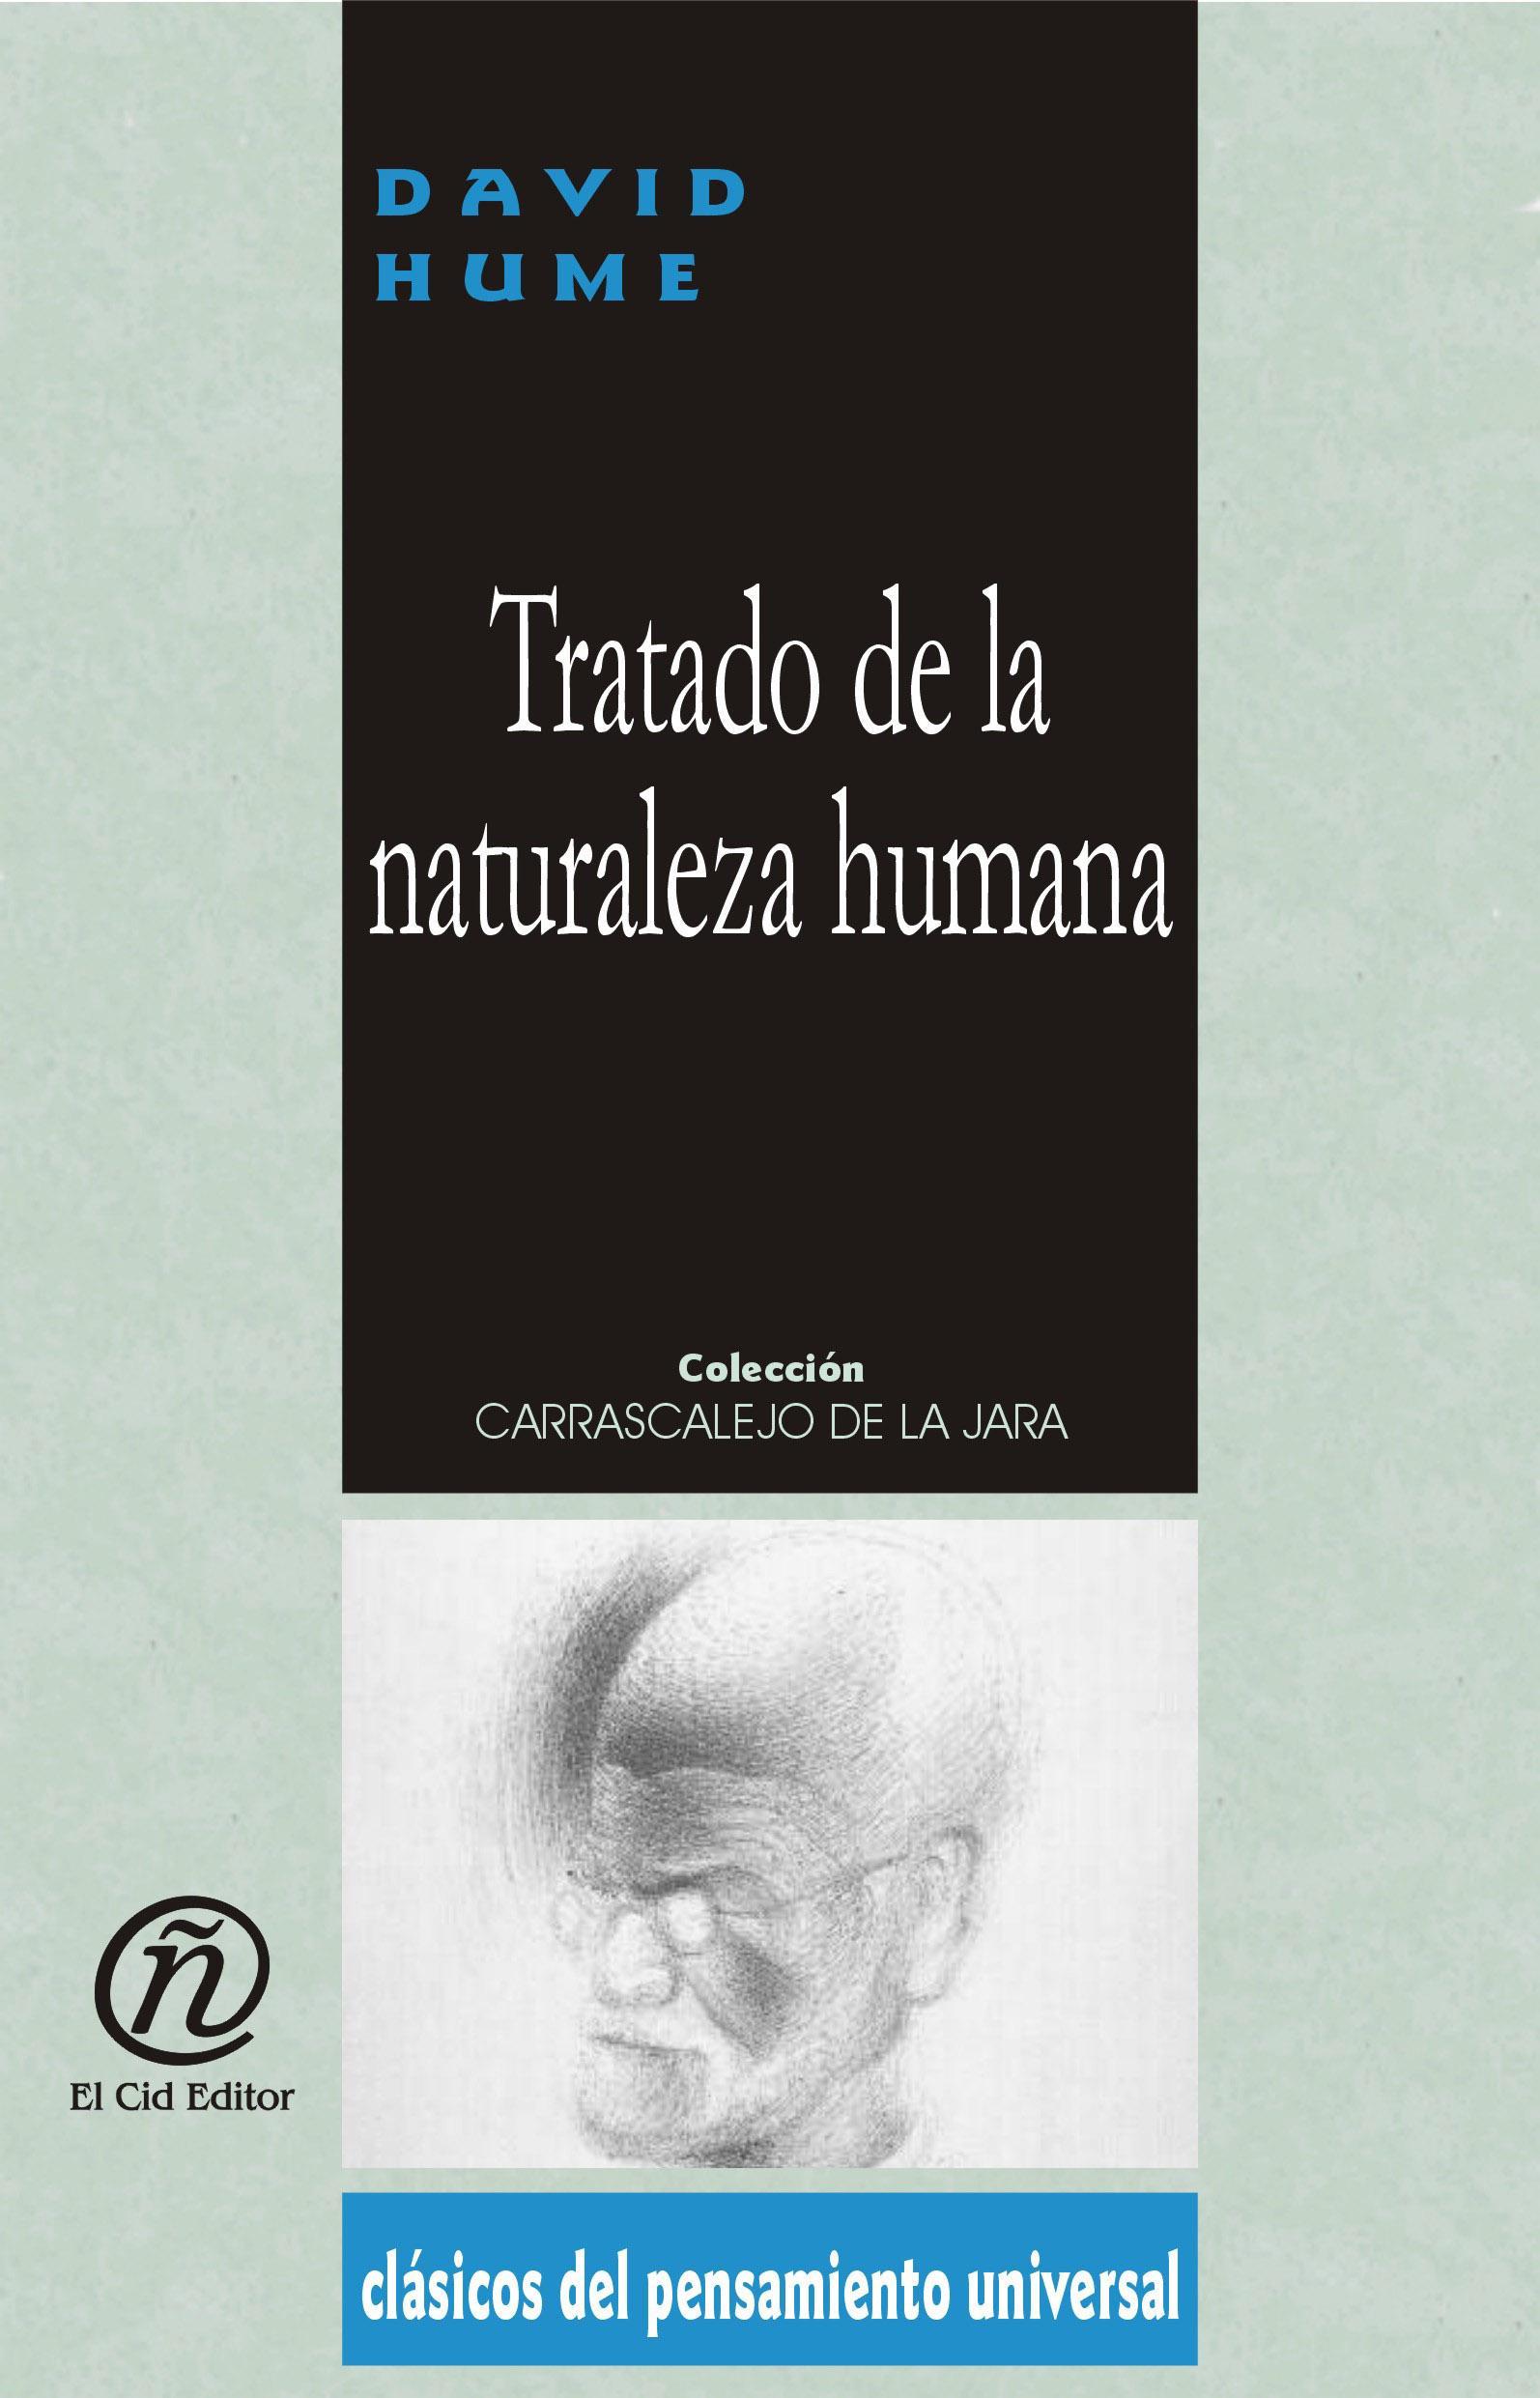 Tratado de la naturaleza humana: Colecci?n de Cl?sicos del Pensamiento Universal